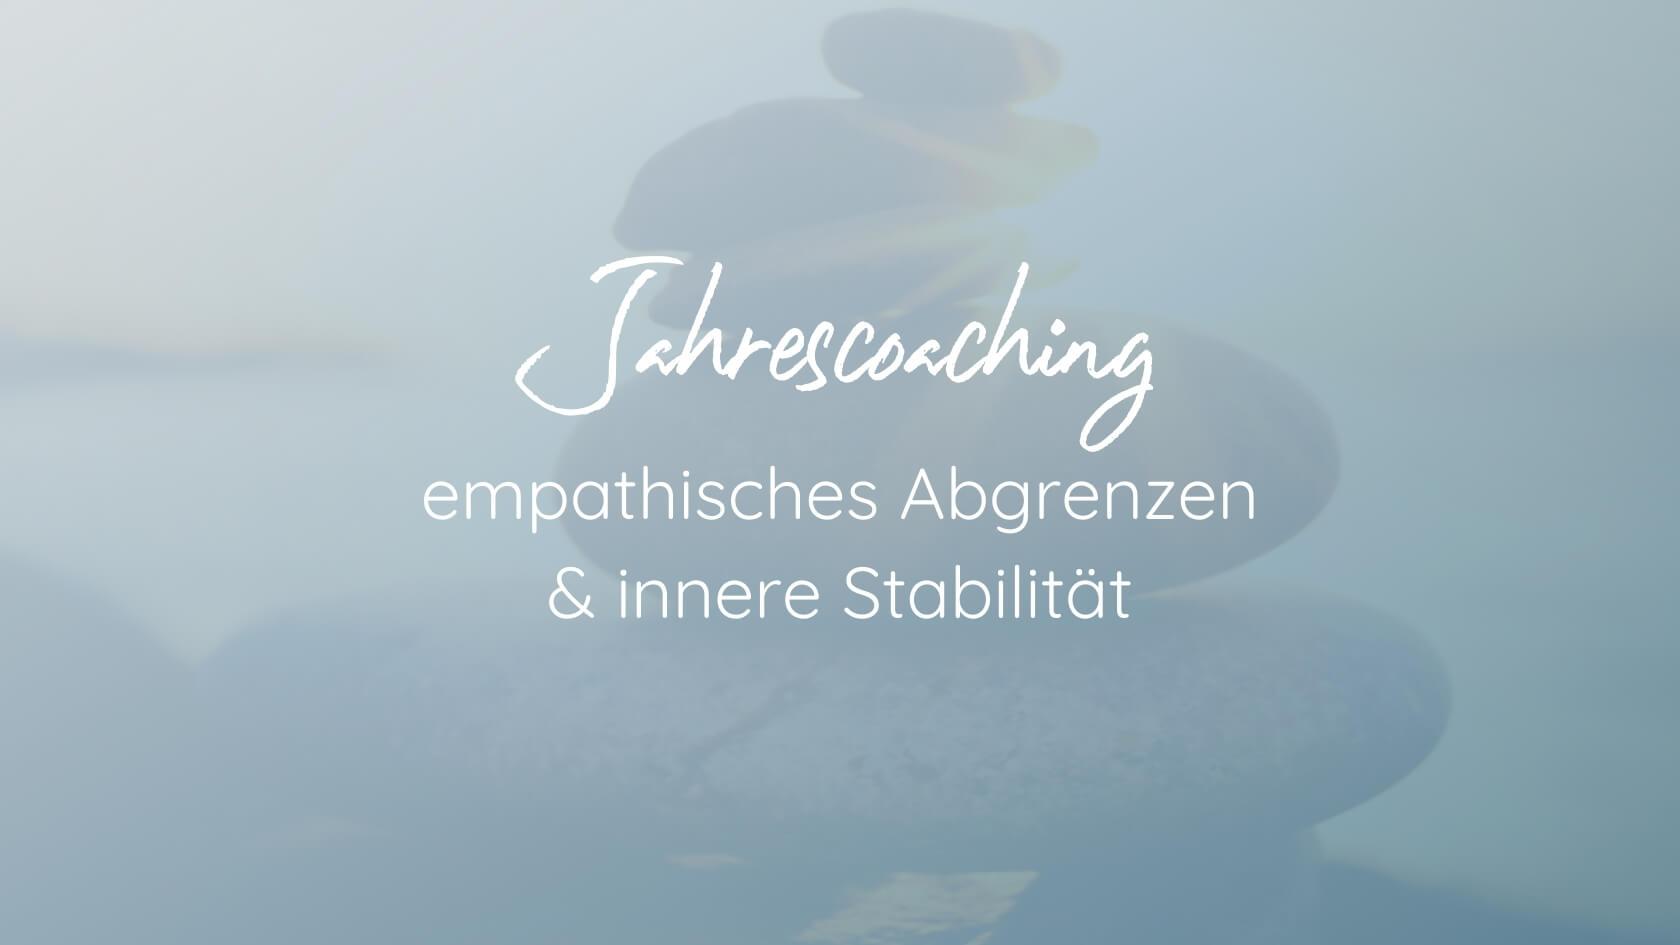 Jahrescoaching - empathisches Abgrenzen und innere Stabilität